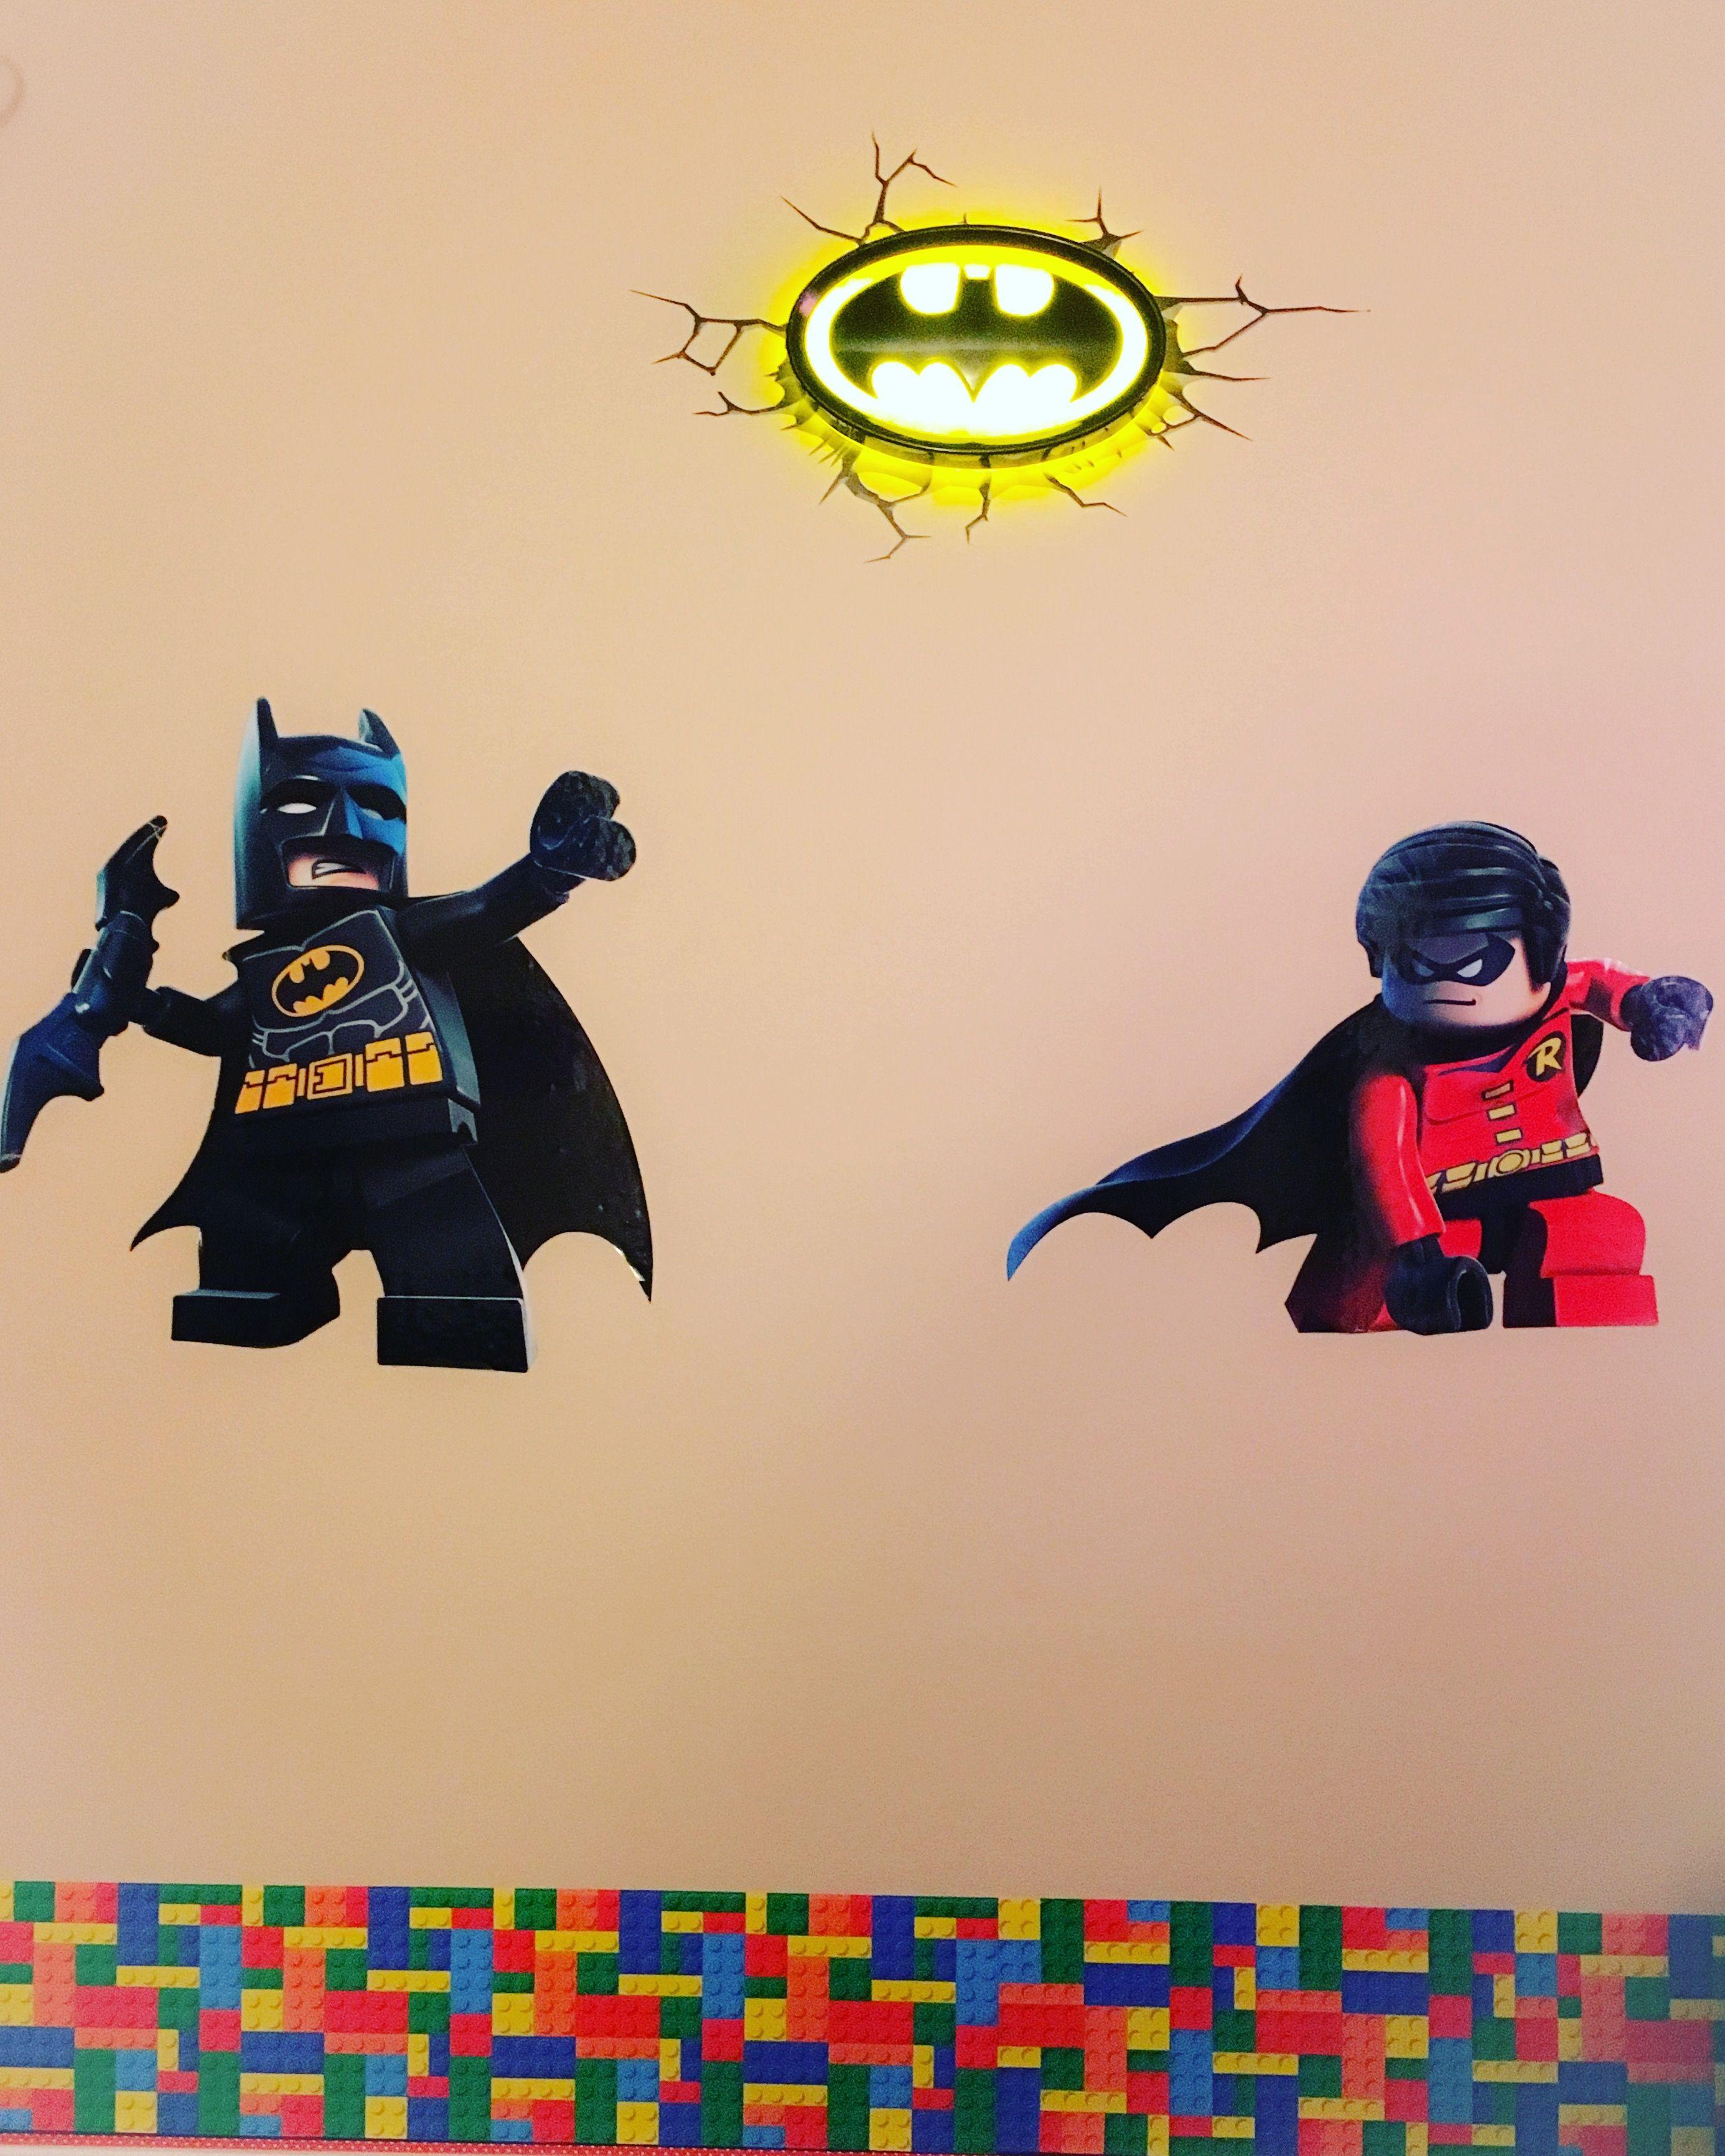 LEGO Batman and Robin decals and LEGO wallpaper border, 3D